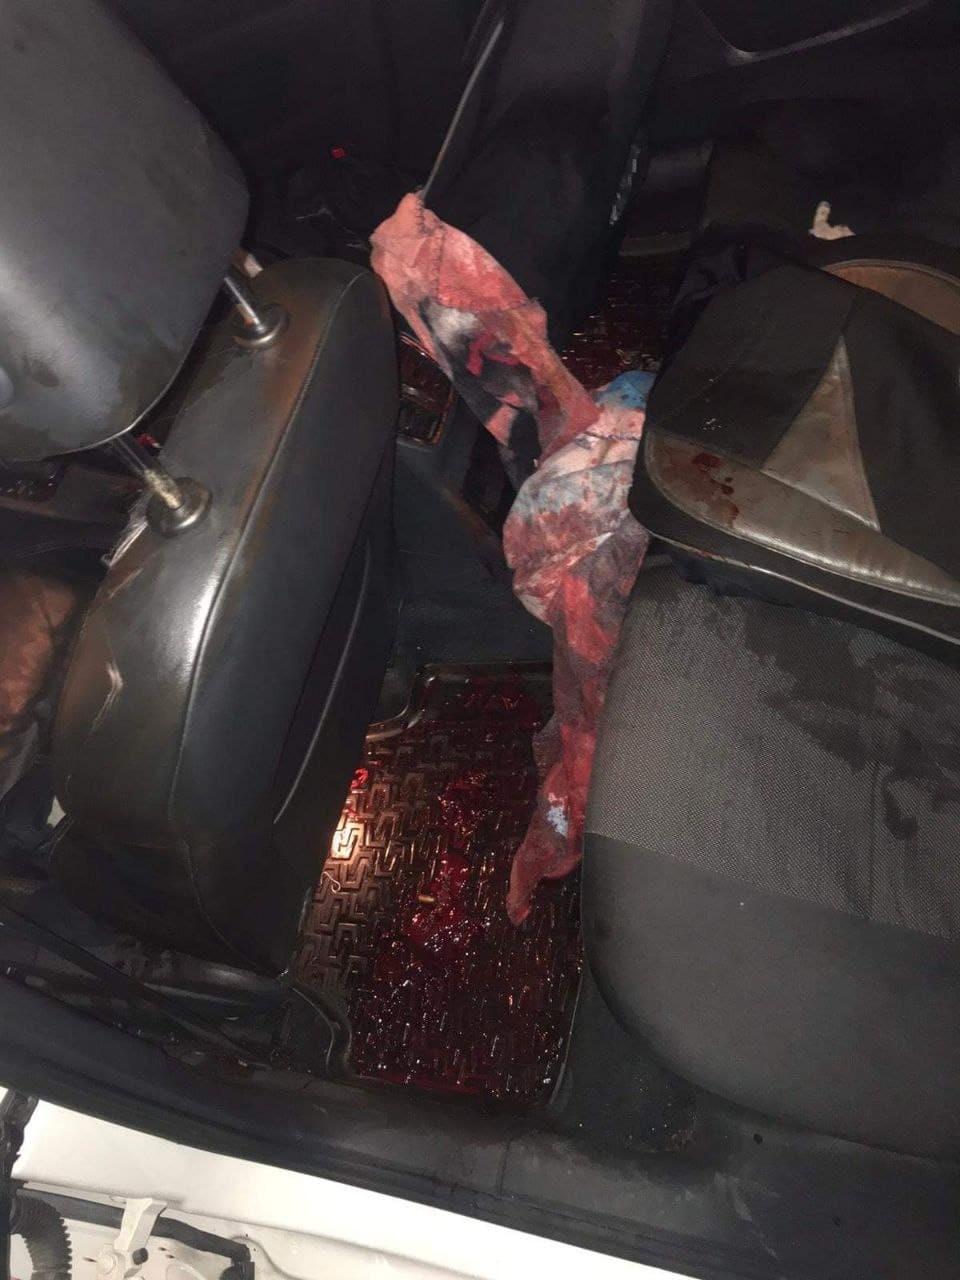 شاهد: استشهاد ضابط بجهاز الأمن الوطني جراء اعتداء المستوطنين عليه في نابلس